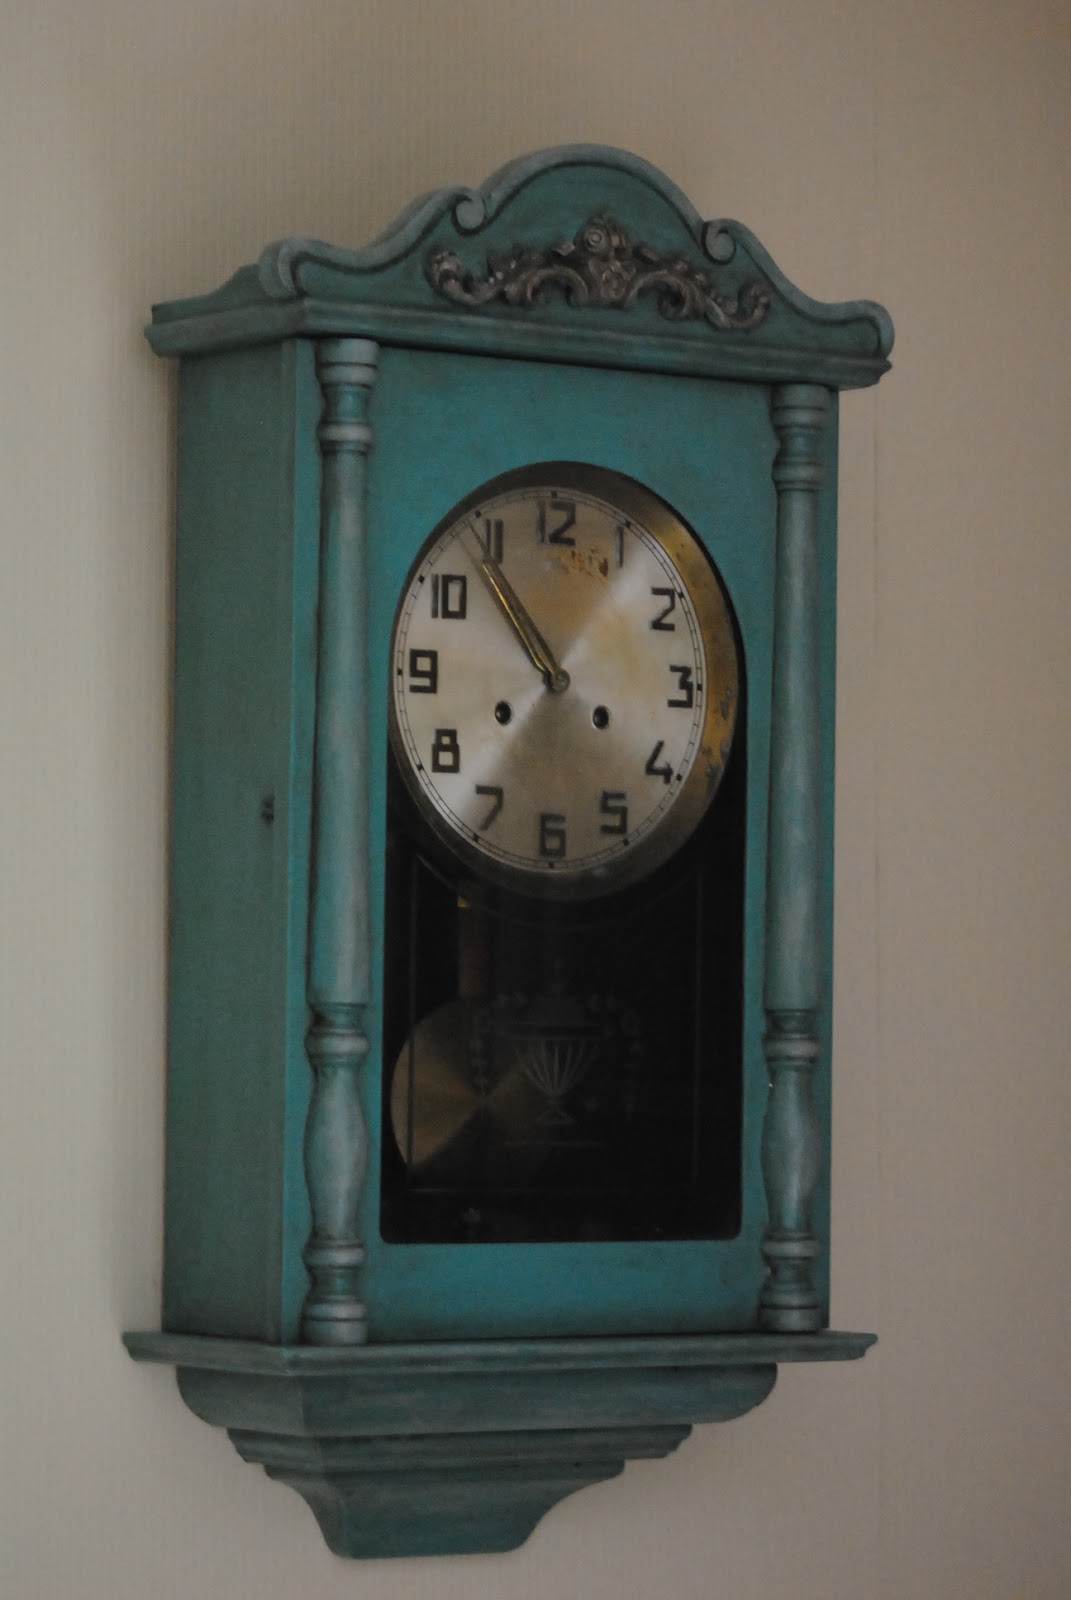 Decorando online reloj de pared pintado - Relojes de pared ...